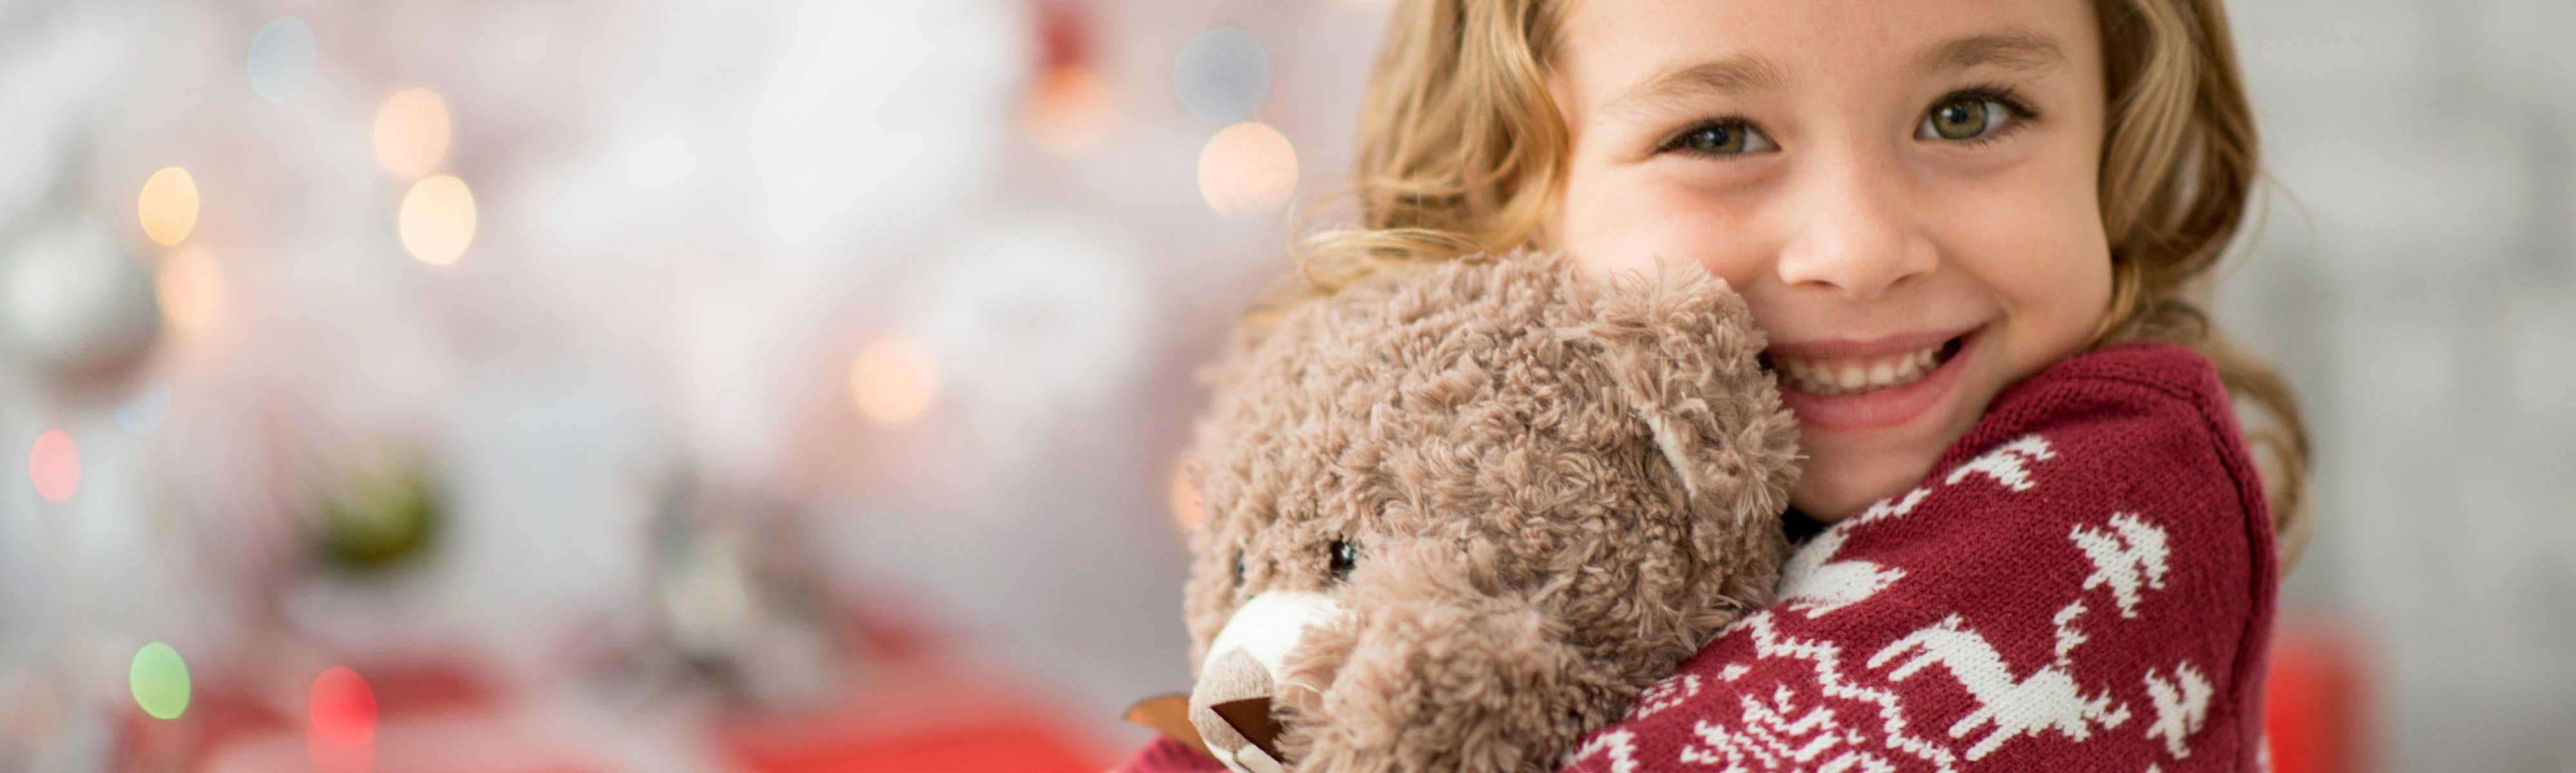 Small child holding a stuffed bear.